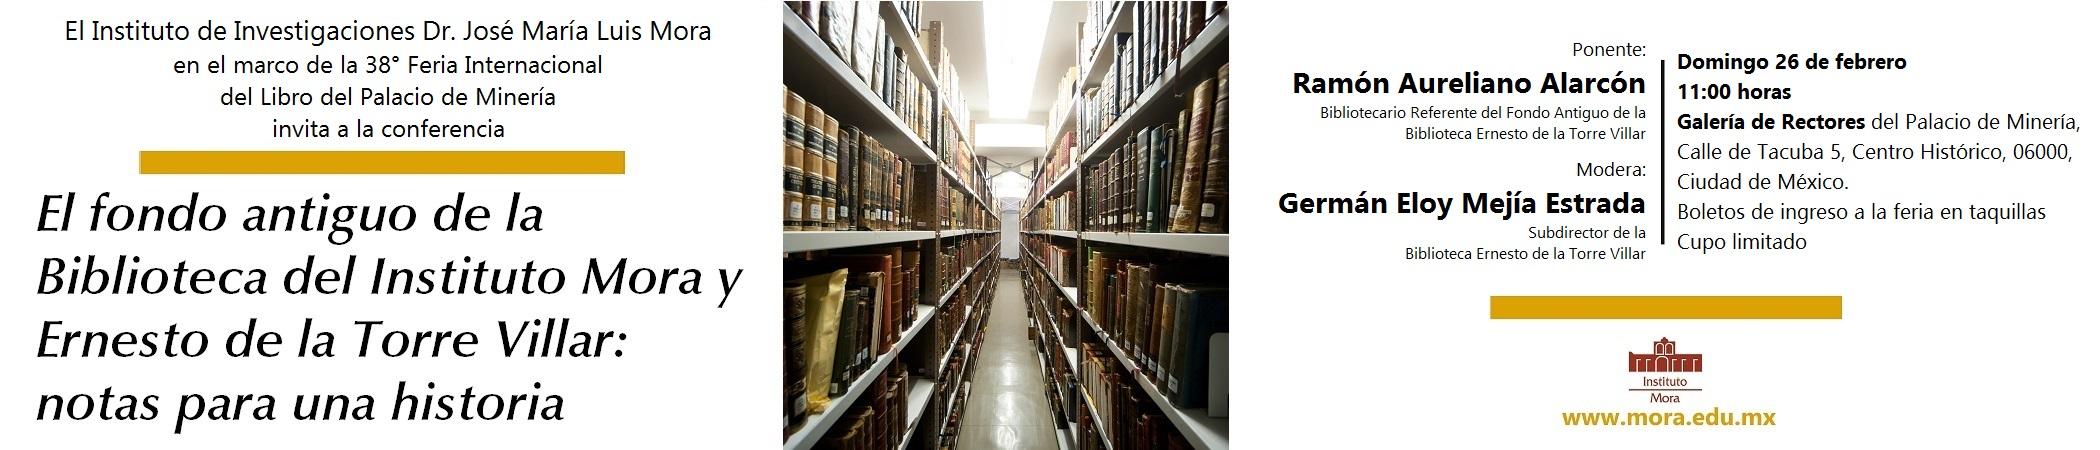 Conferencia El fondo antiguo de la Biblioteca del Instituto Mora